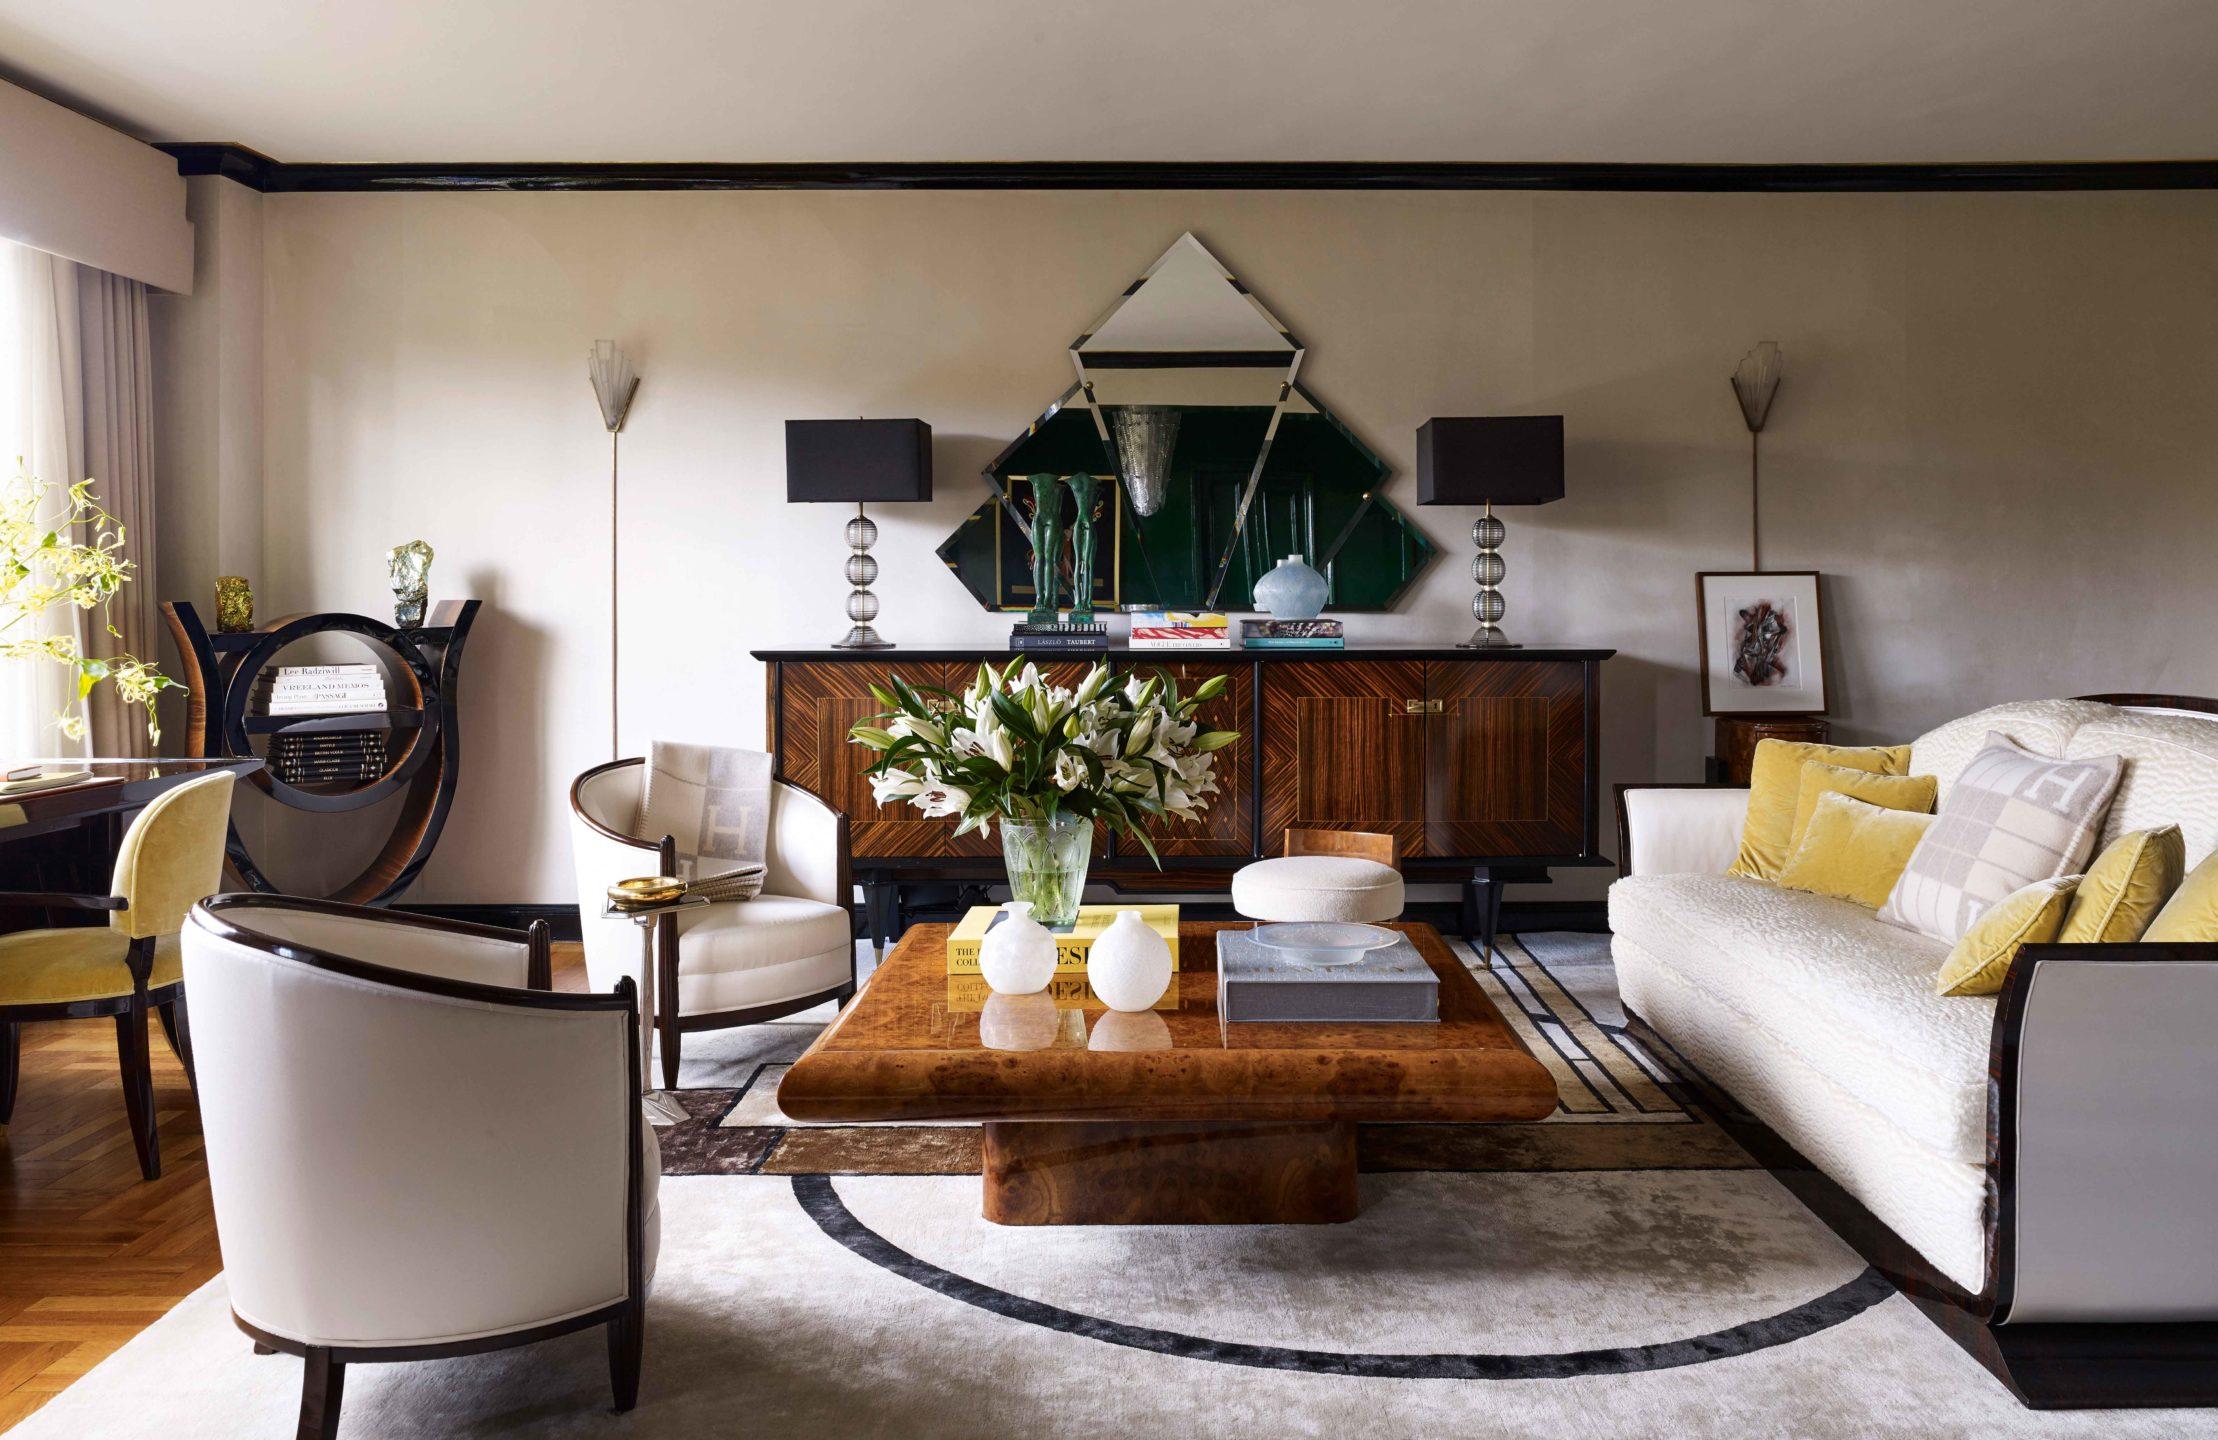 Nicole-Fuller-foster-central-park-residence-new-york-interior-designer-13